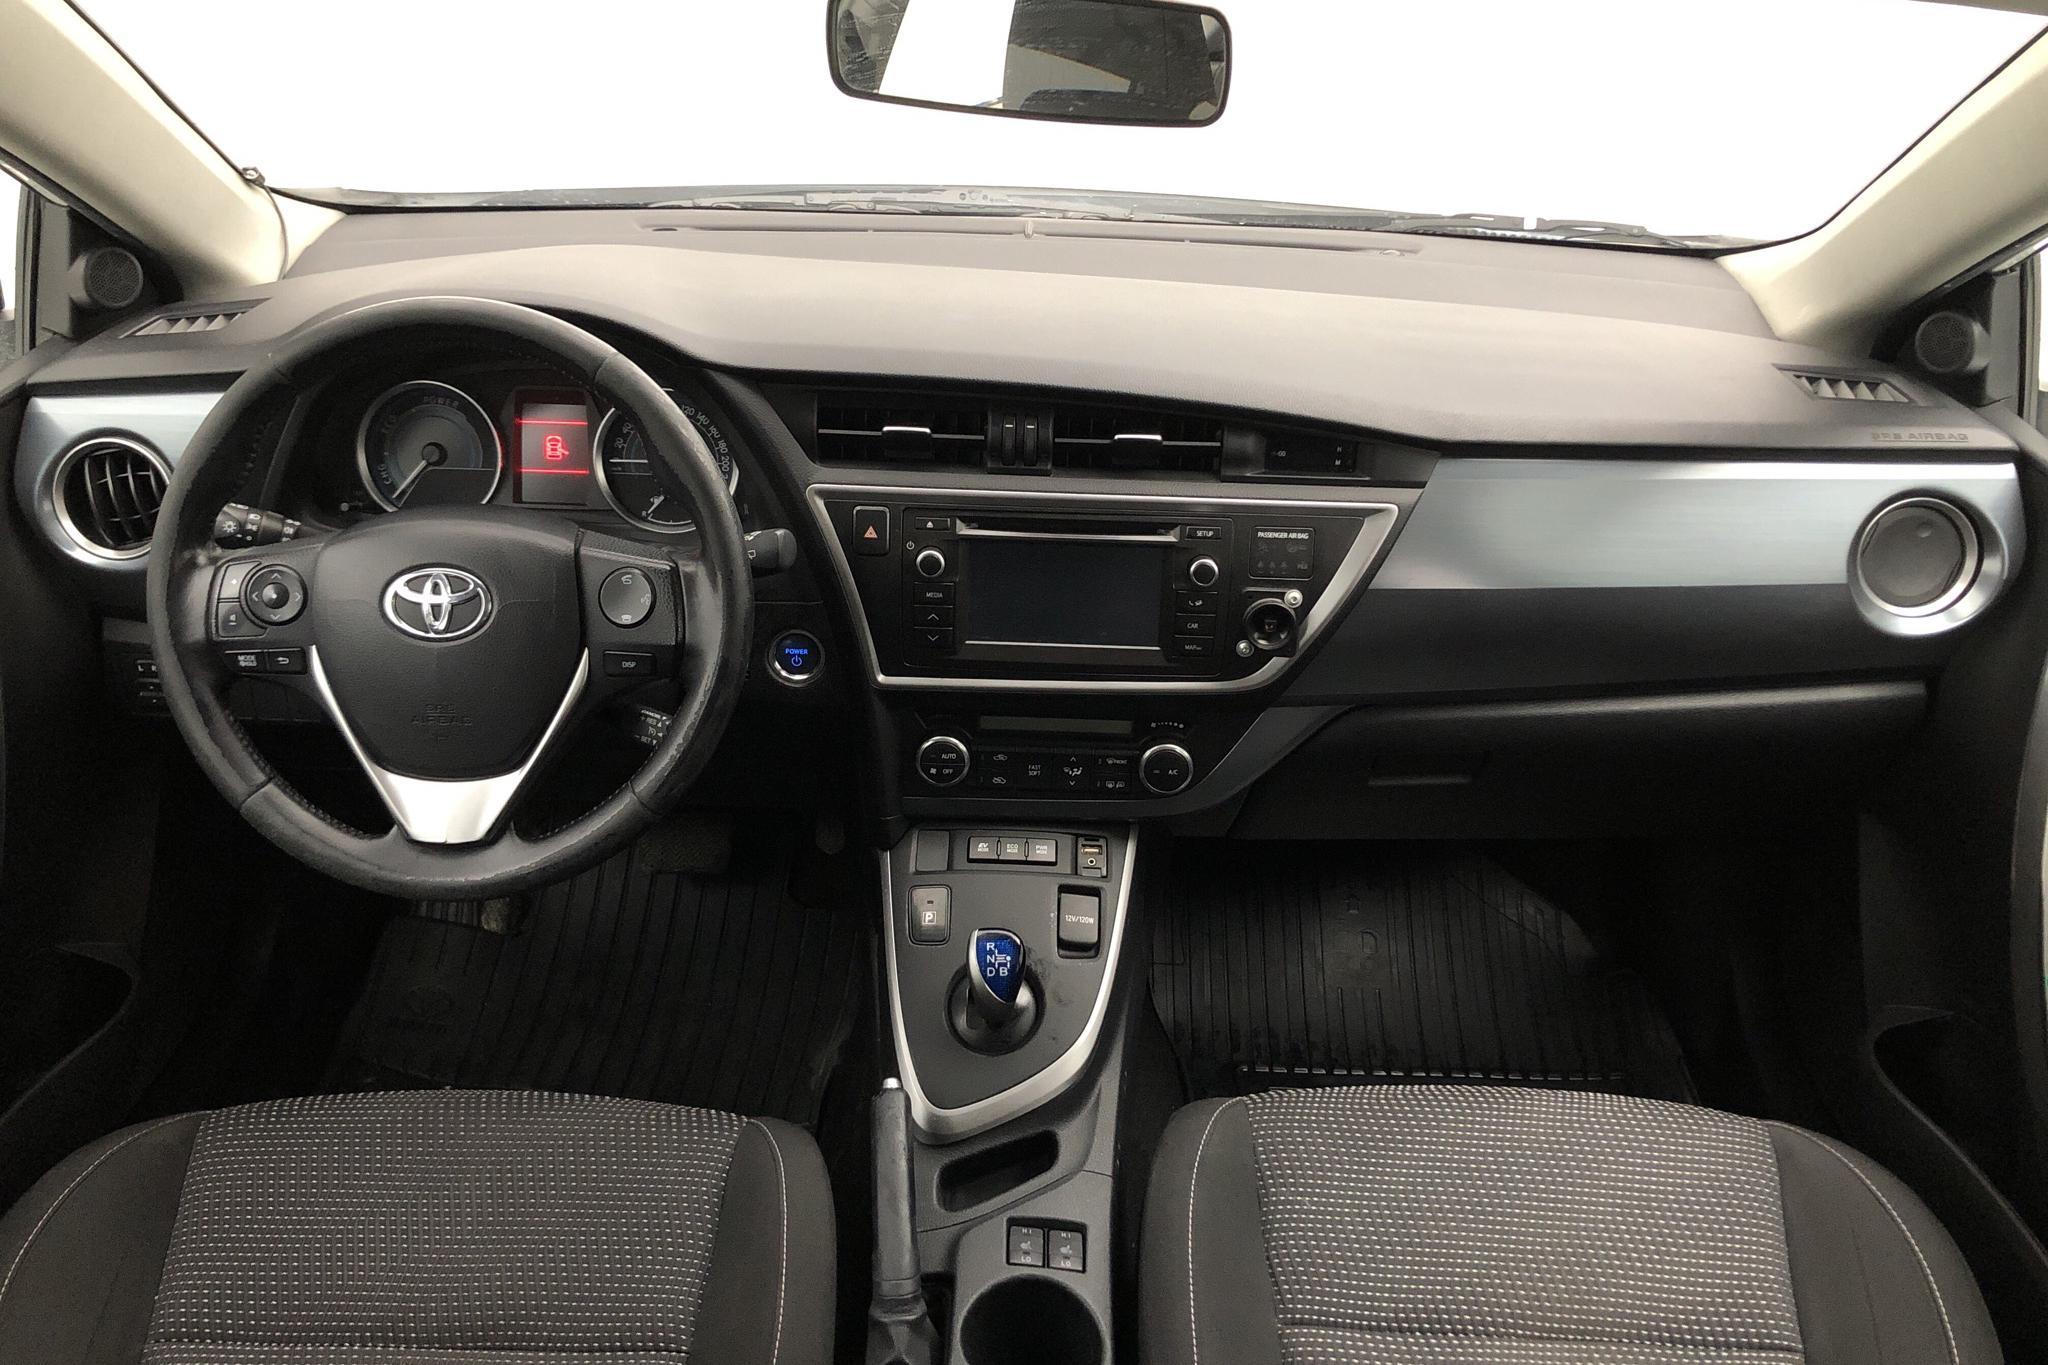 Toyota Auris 1.8 HSD 5dr (99hk) - 16 061 mil - Automat - vit - 2015